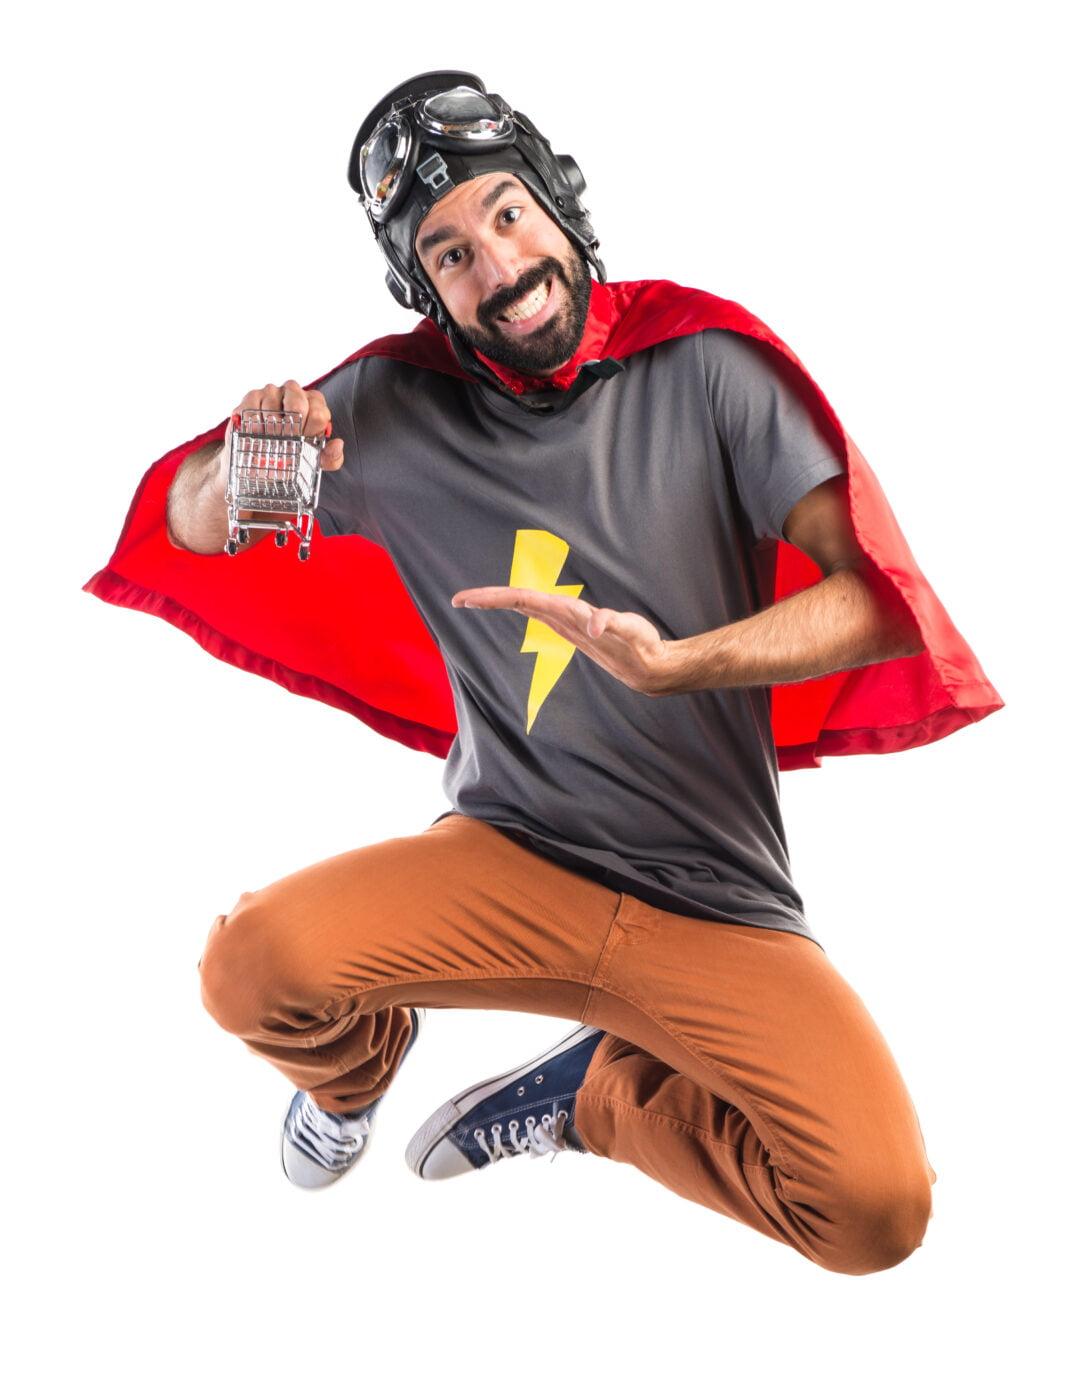 Zdjęcie klienta w przebraniu super bohatera